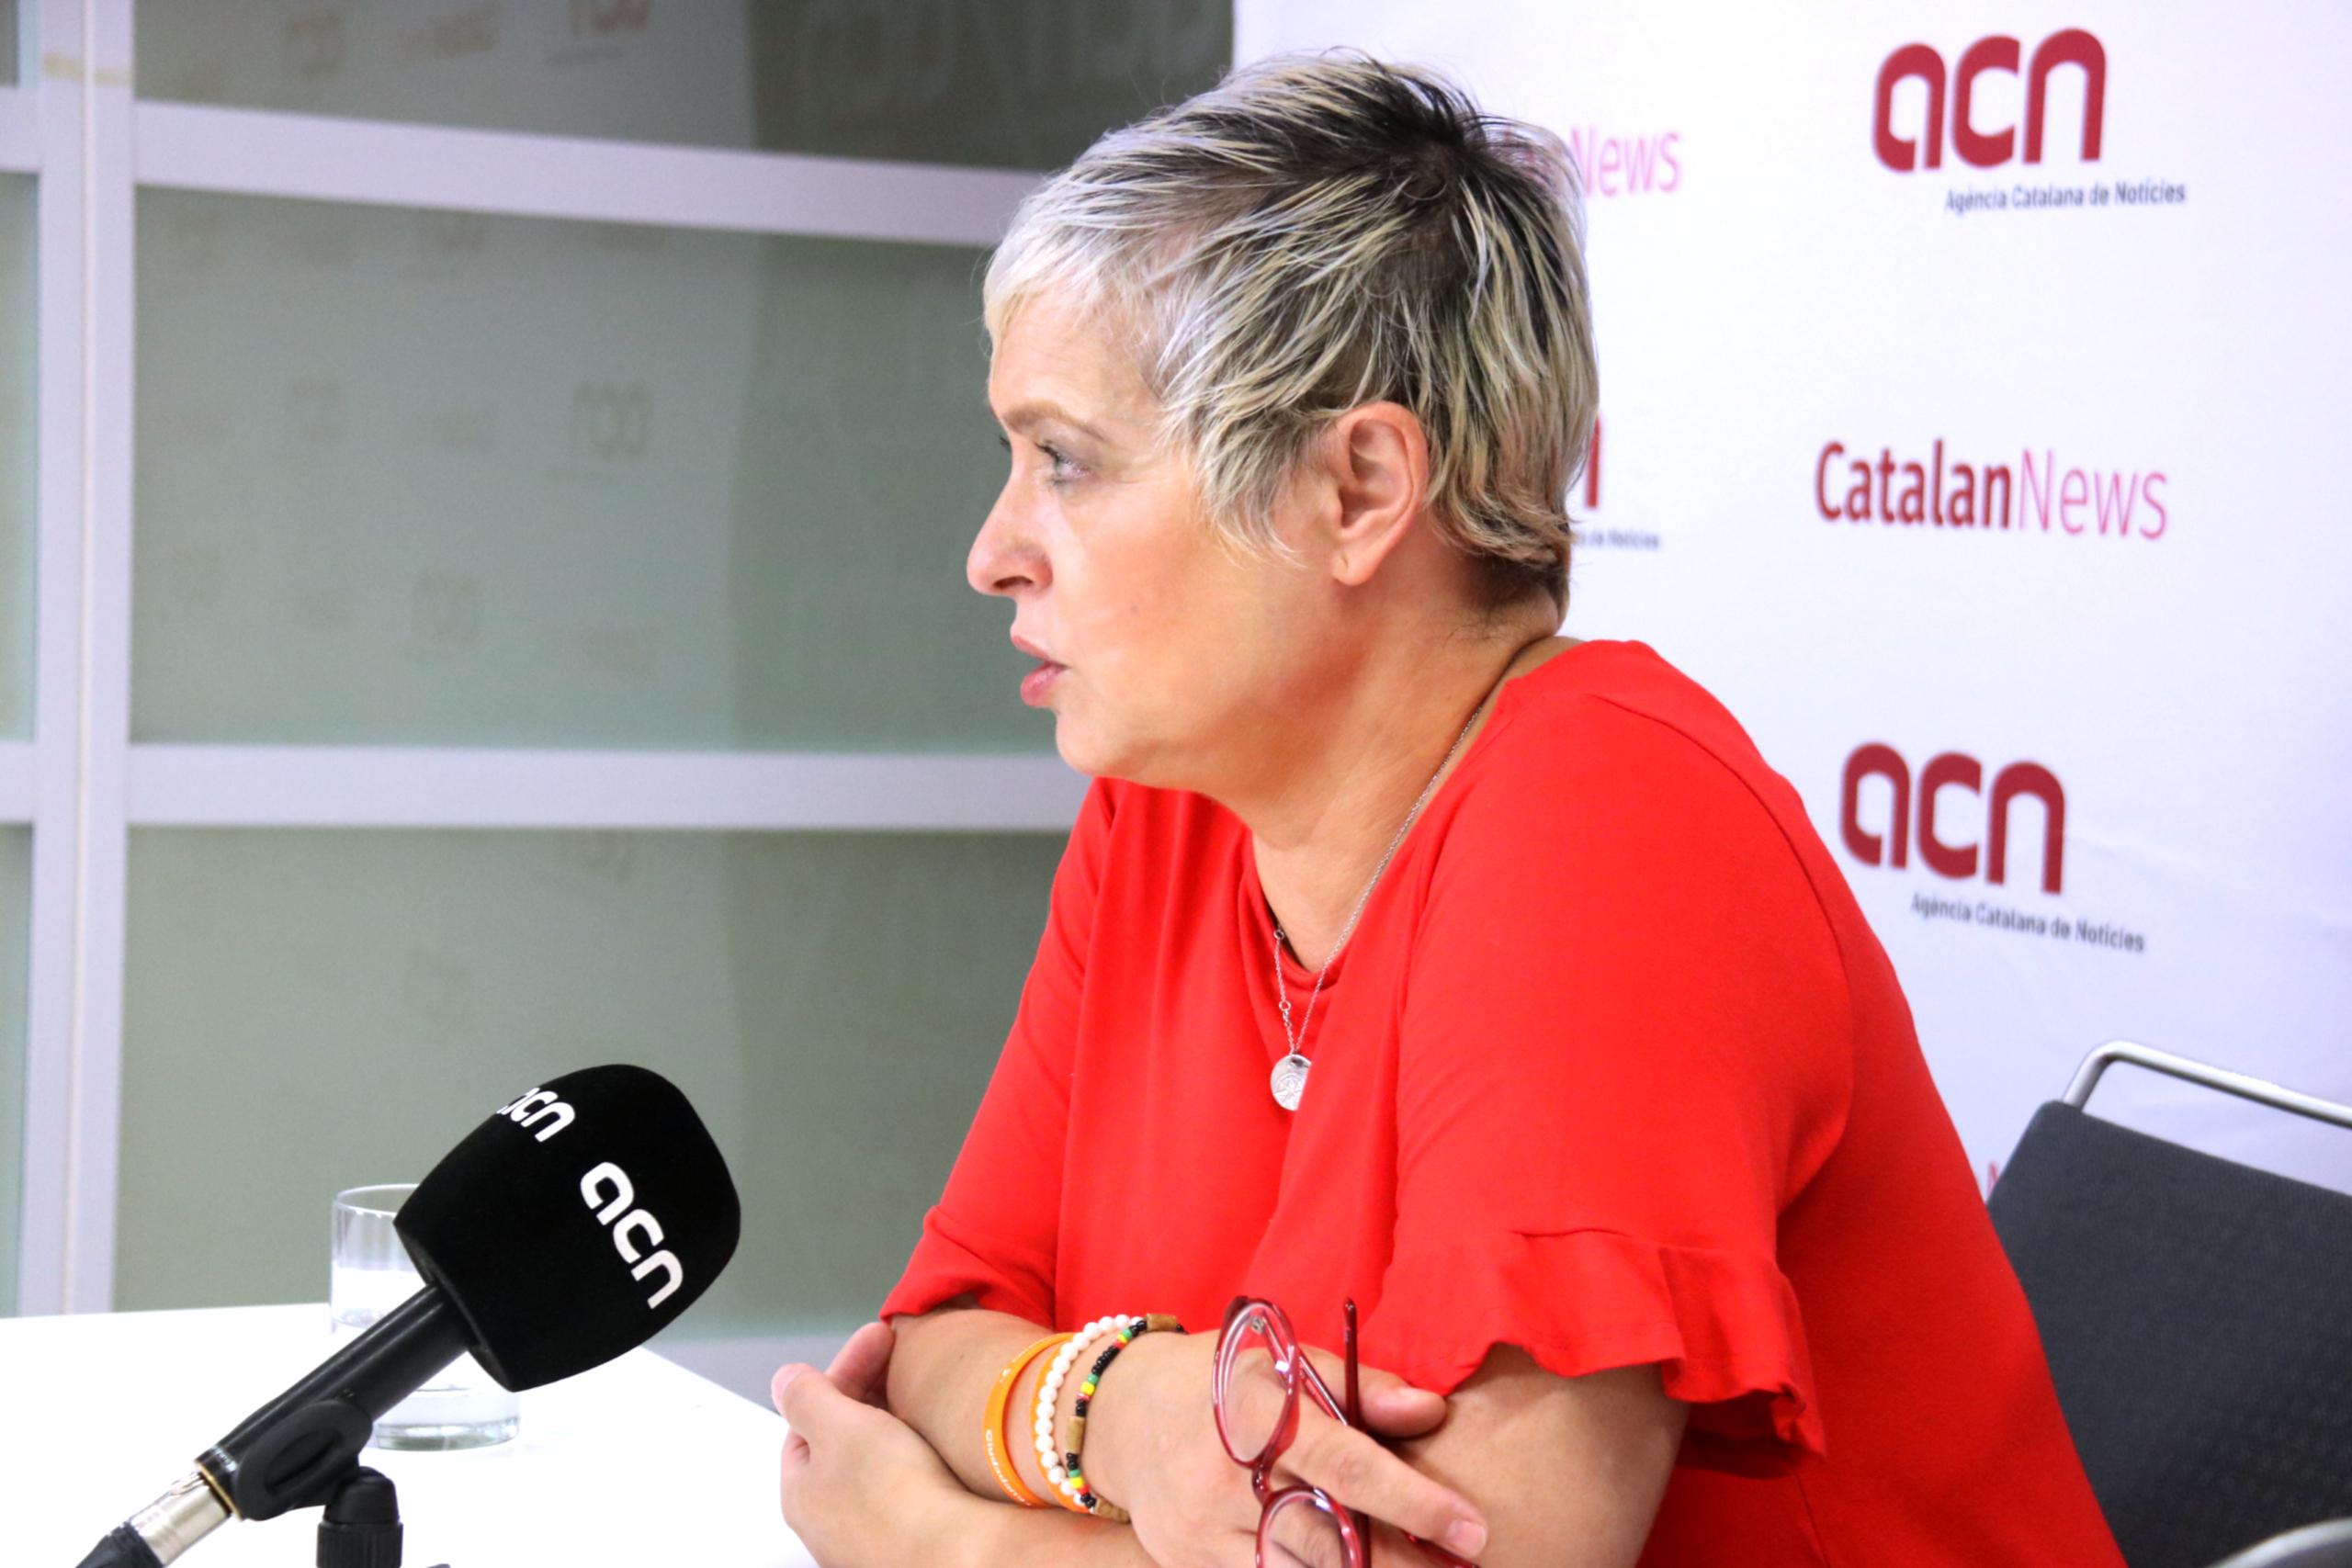 La portaveu adjunta de Cs al Parlament, Anna Grau | ACN